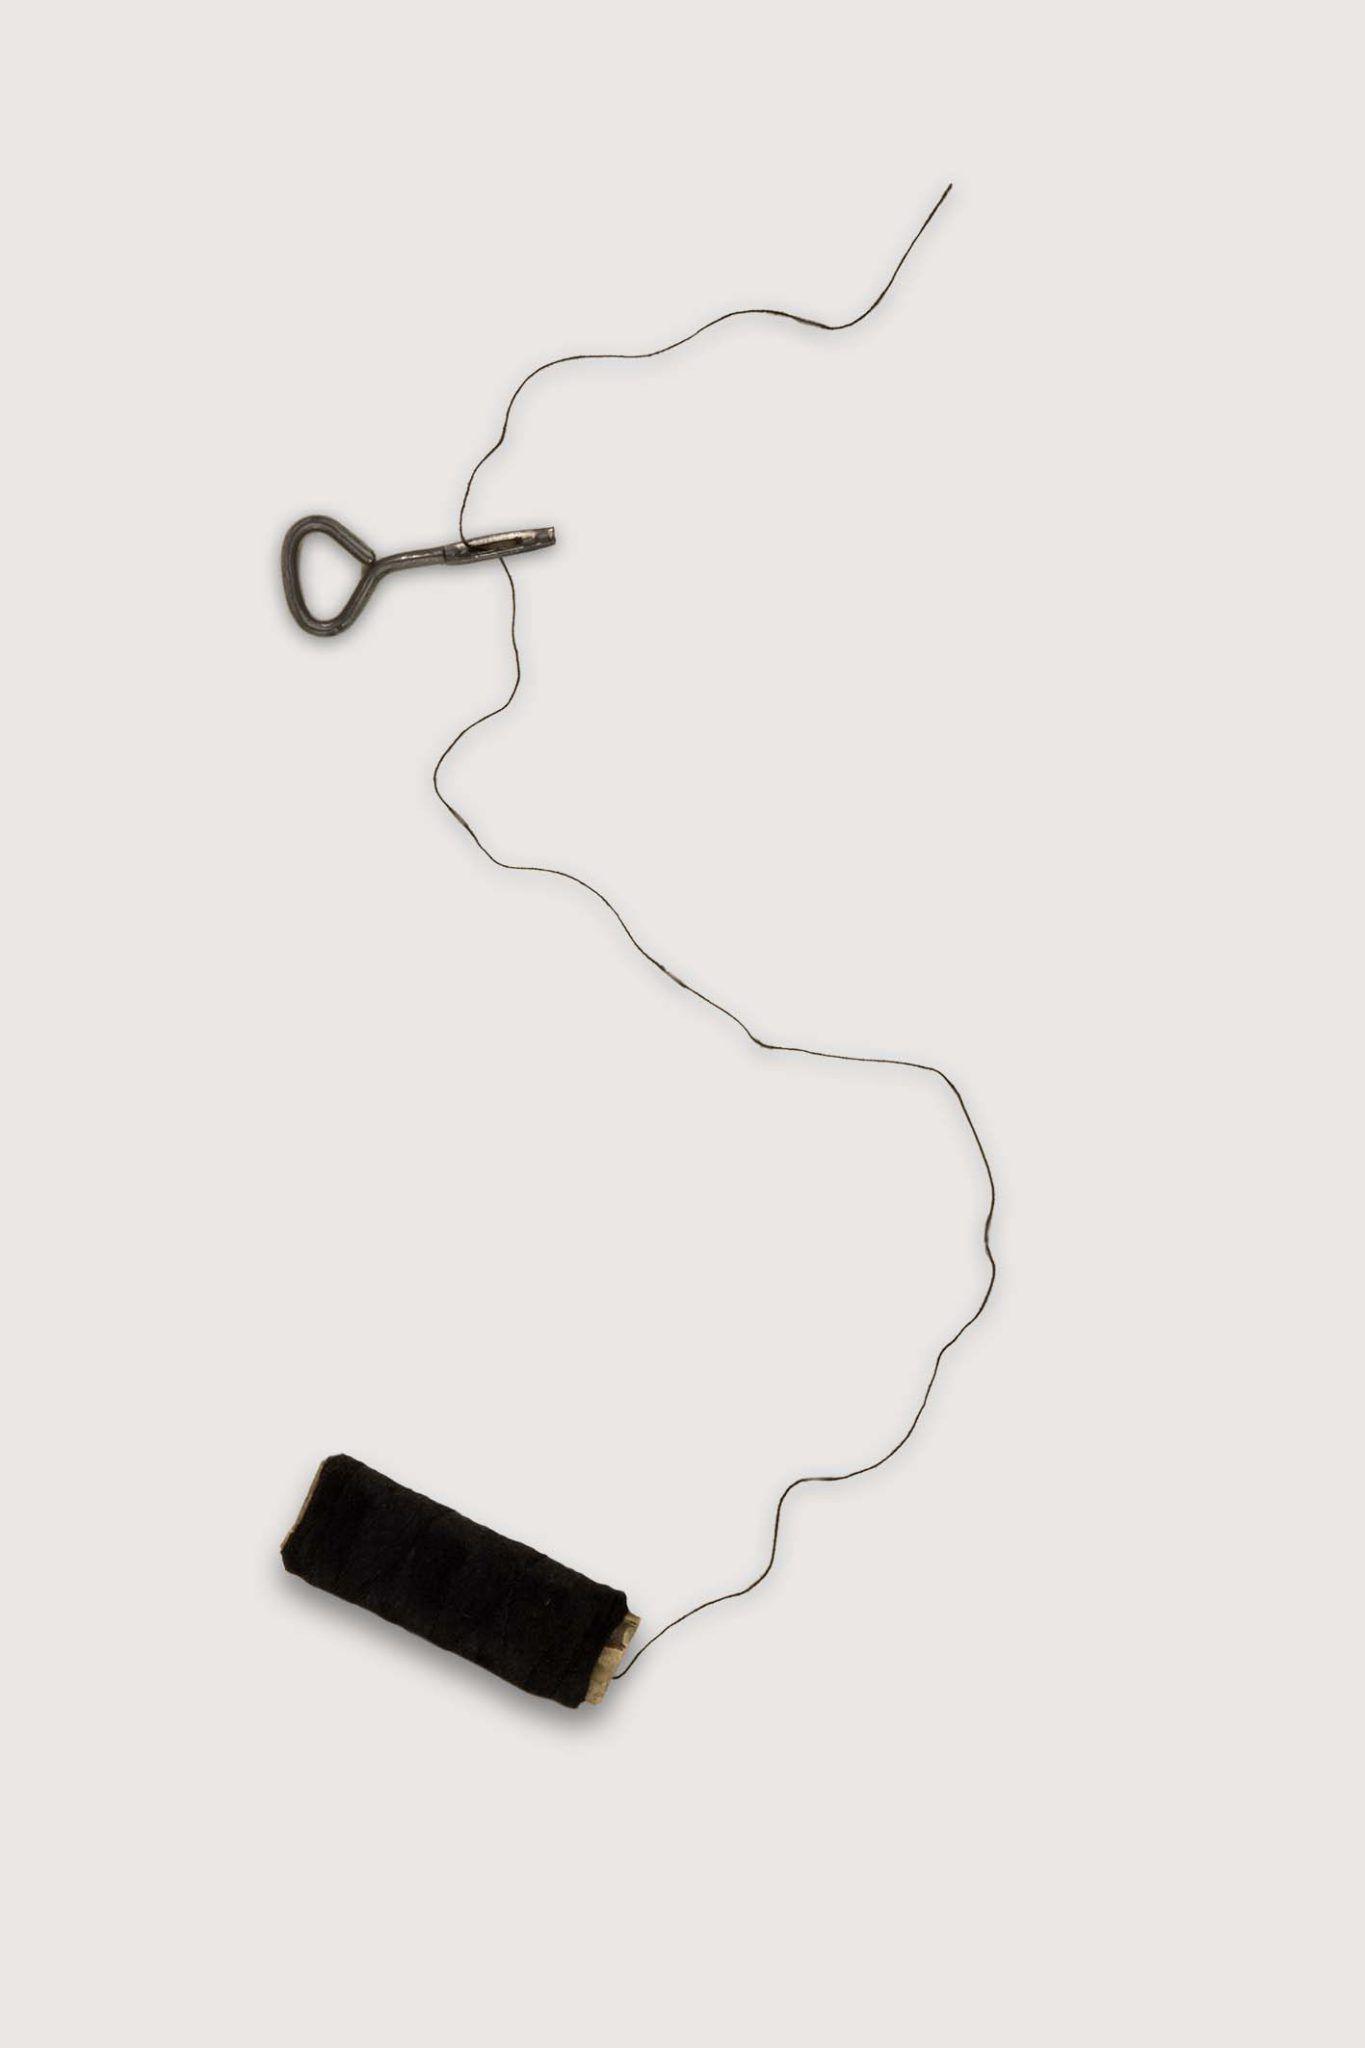 Amores imposibles nº 1, reproducción poema visual